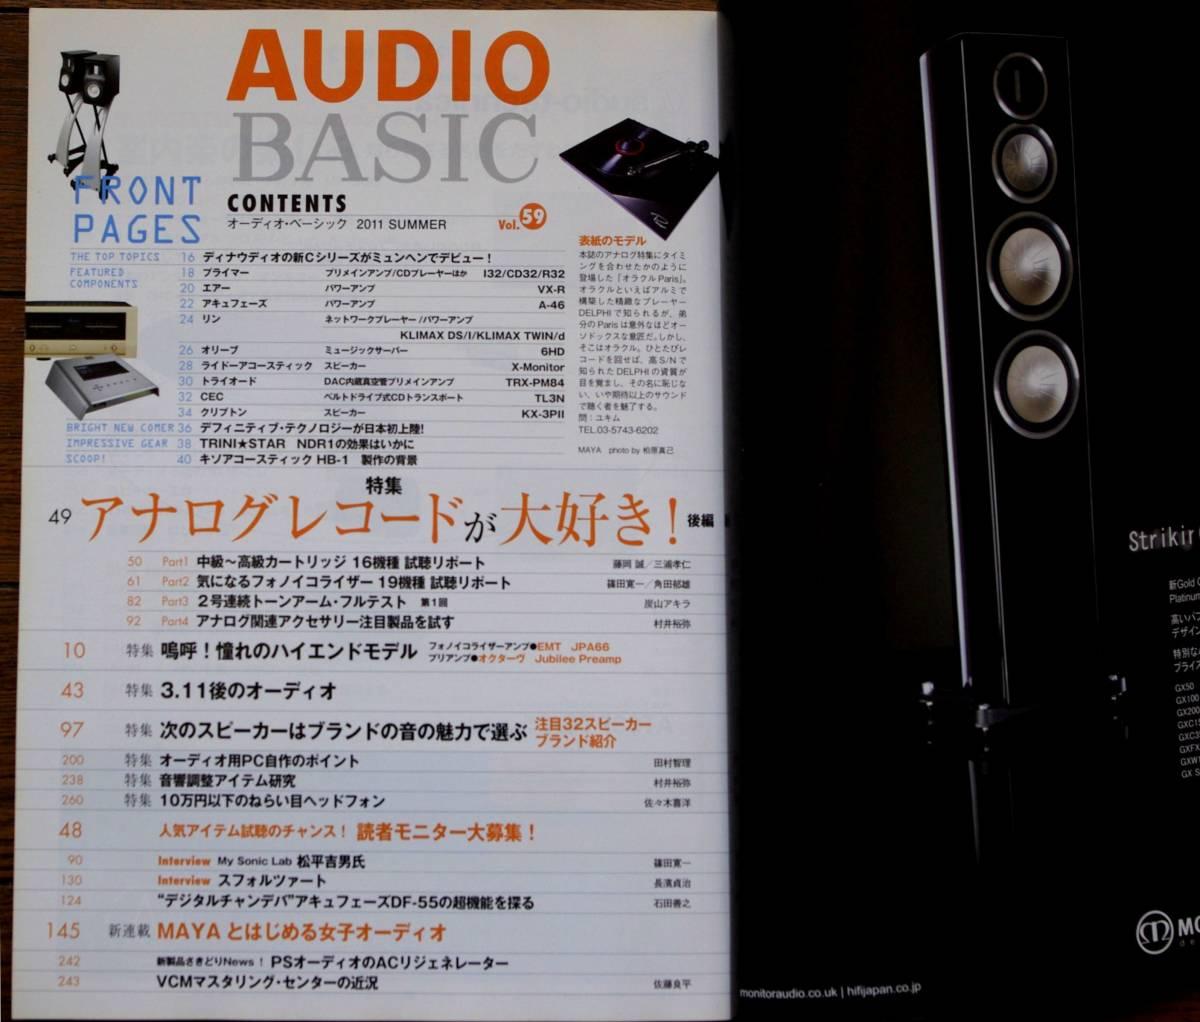 【雑誌】AUDIO BASIC オーディオベーシック 2011年 7月号 VOL.59_画像2